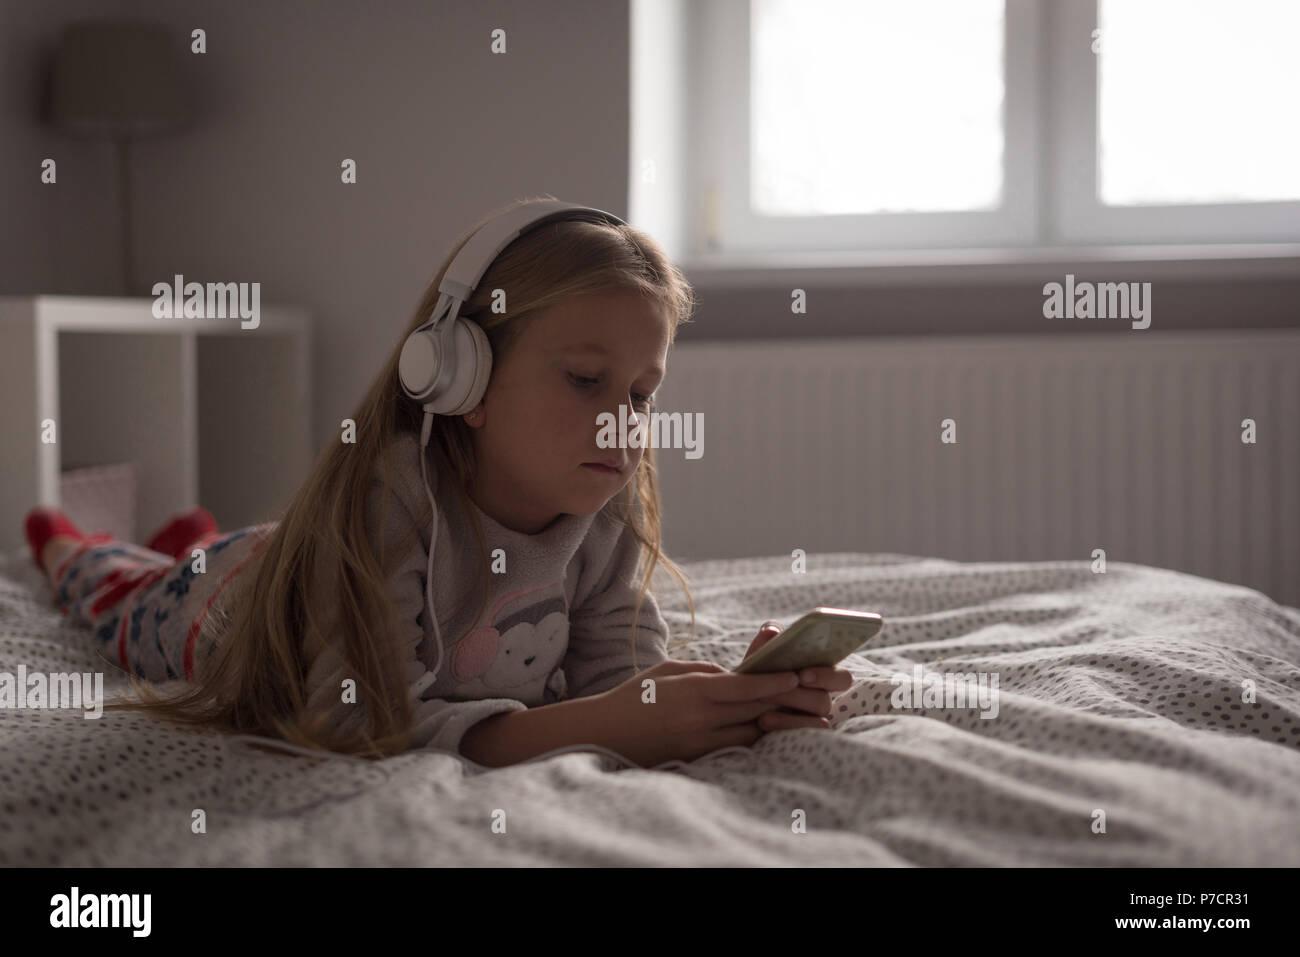 Mädchen hören Musik auf Handy mit Kopfhörer im Schlafzimmer Stockfoto